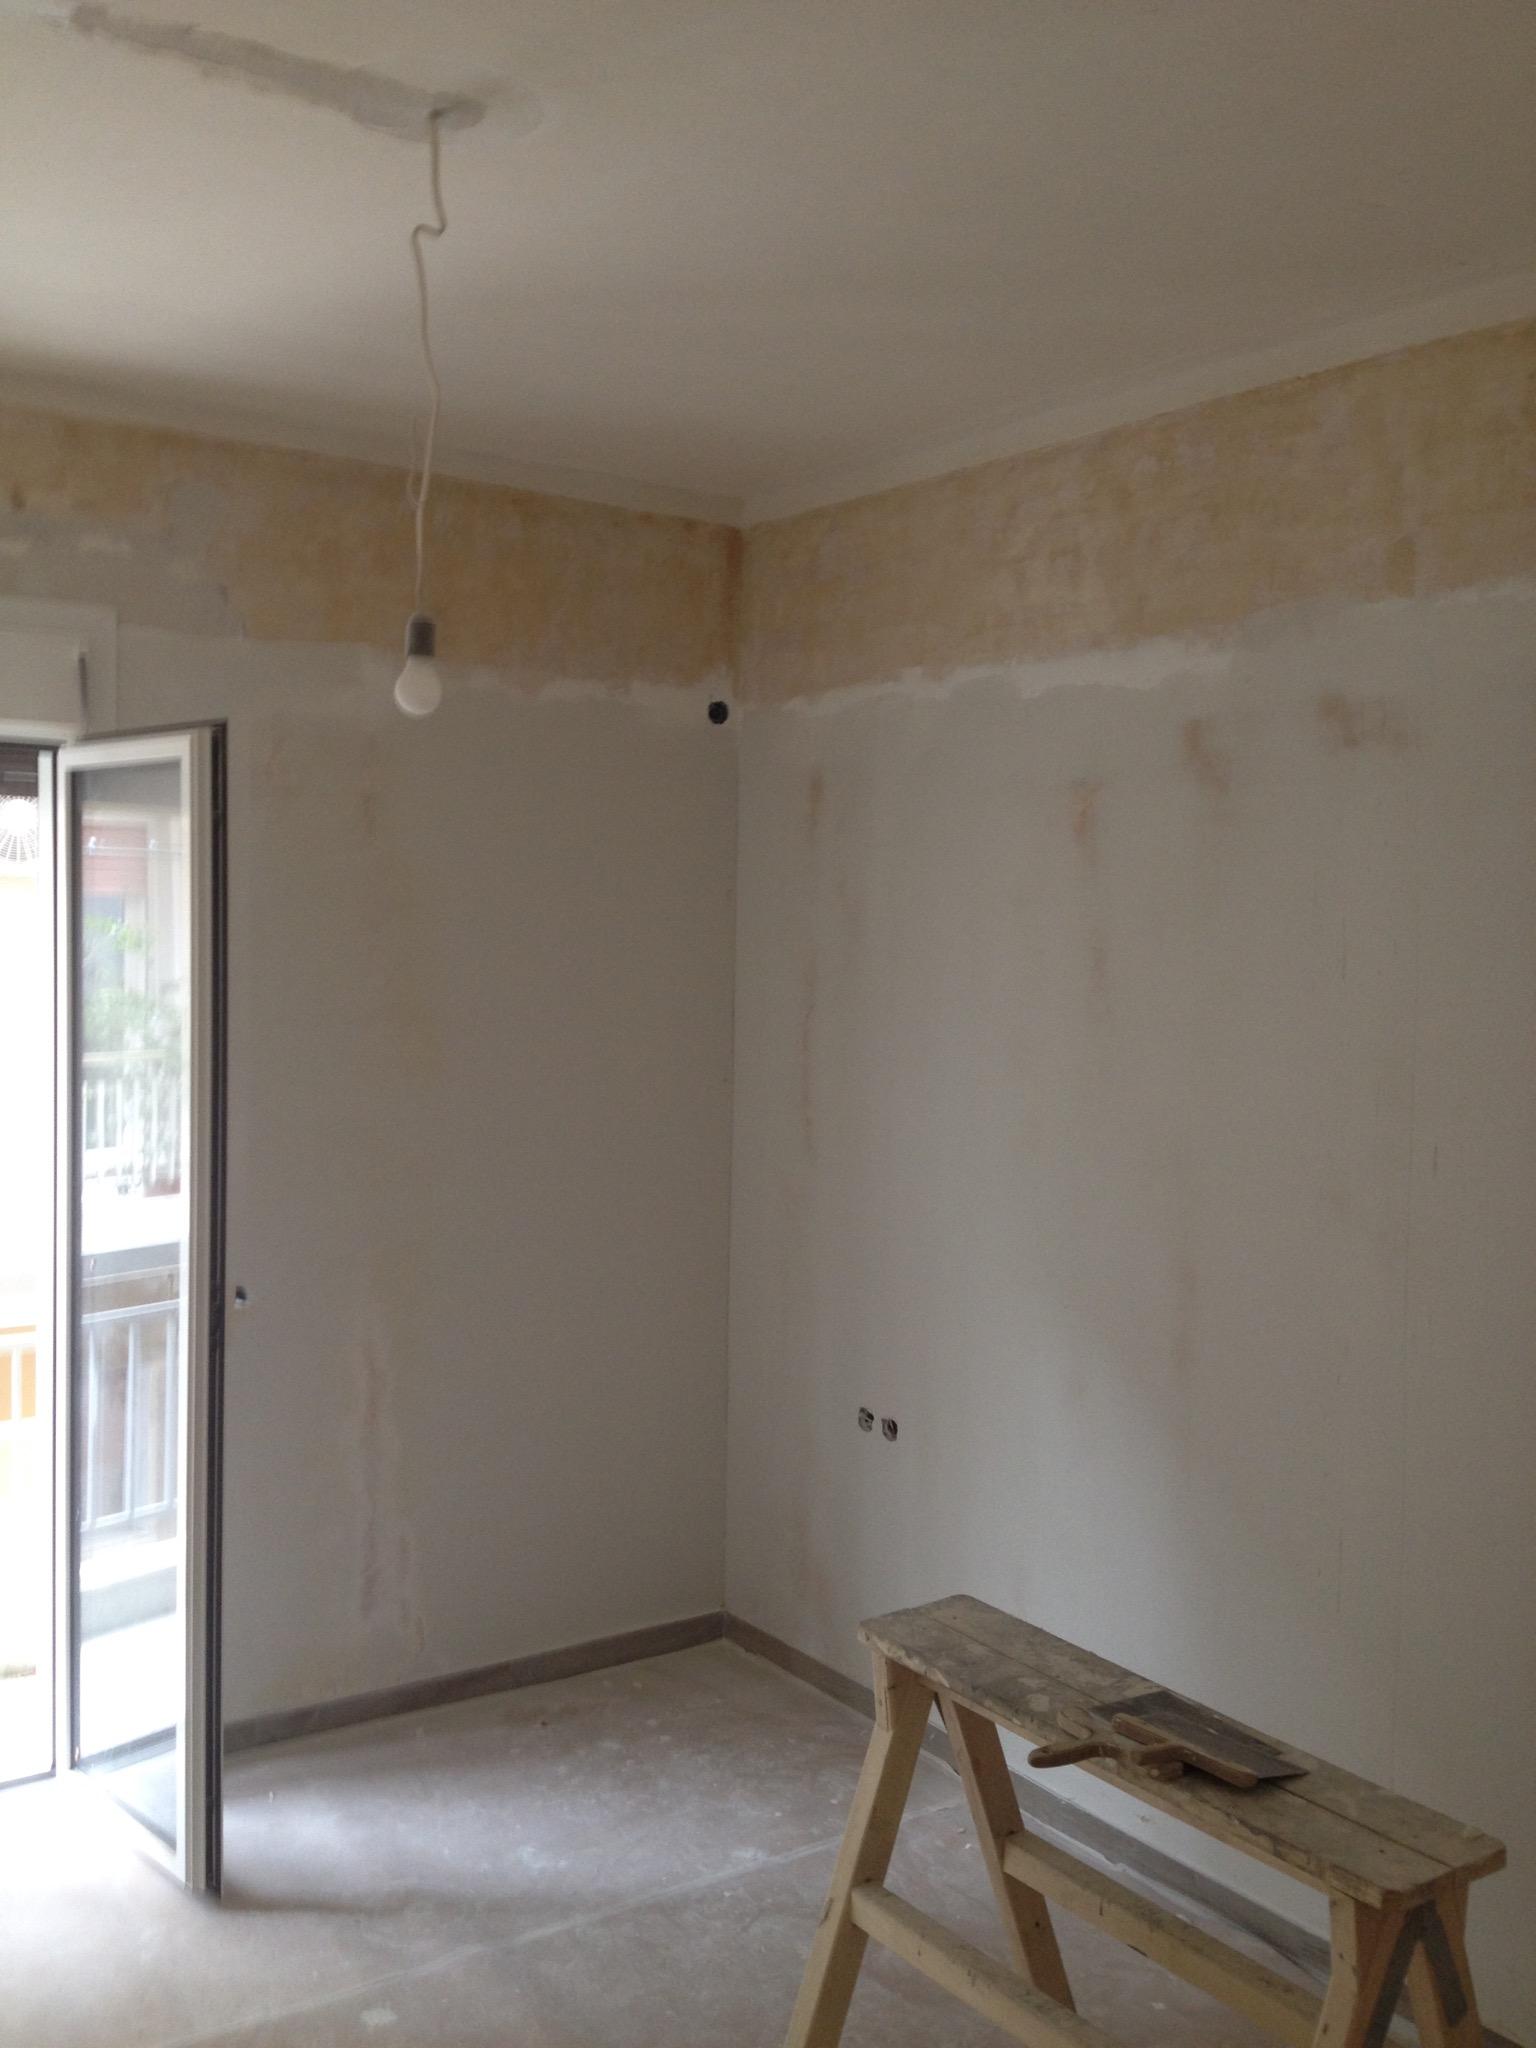 Ανακαινίσεις, κατασκευές, μονώσεις, κουφώματα, χρωματισμοί, τεχνοτροπίες,  διαμέρισμα, πολυκατοικία, Αθήνα